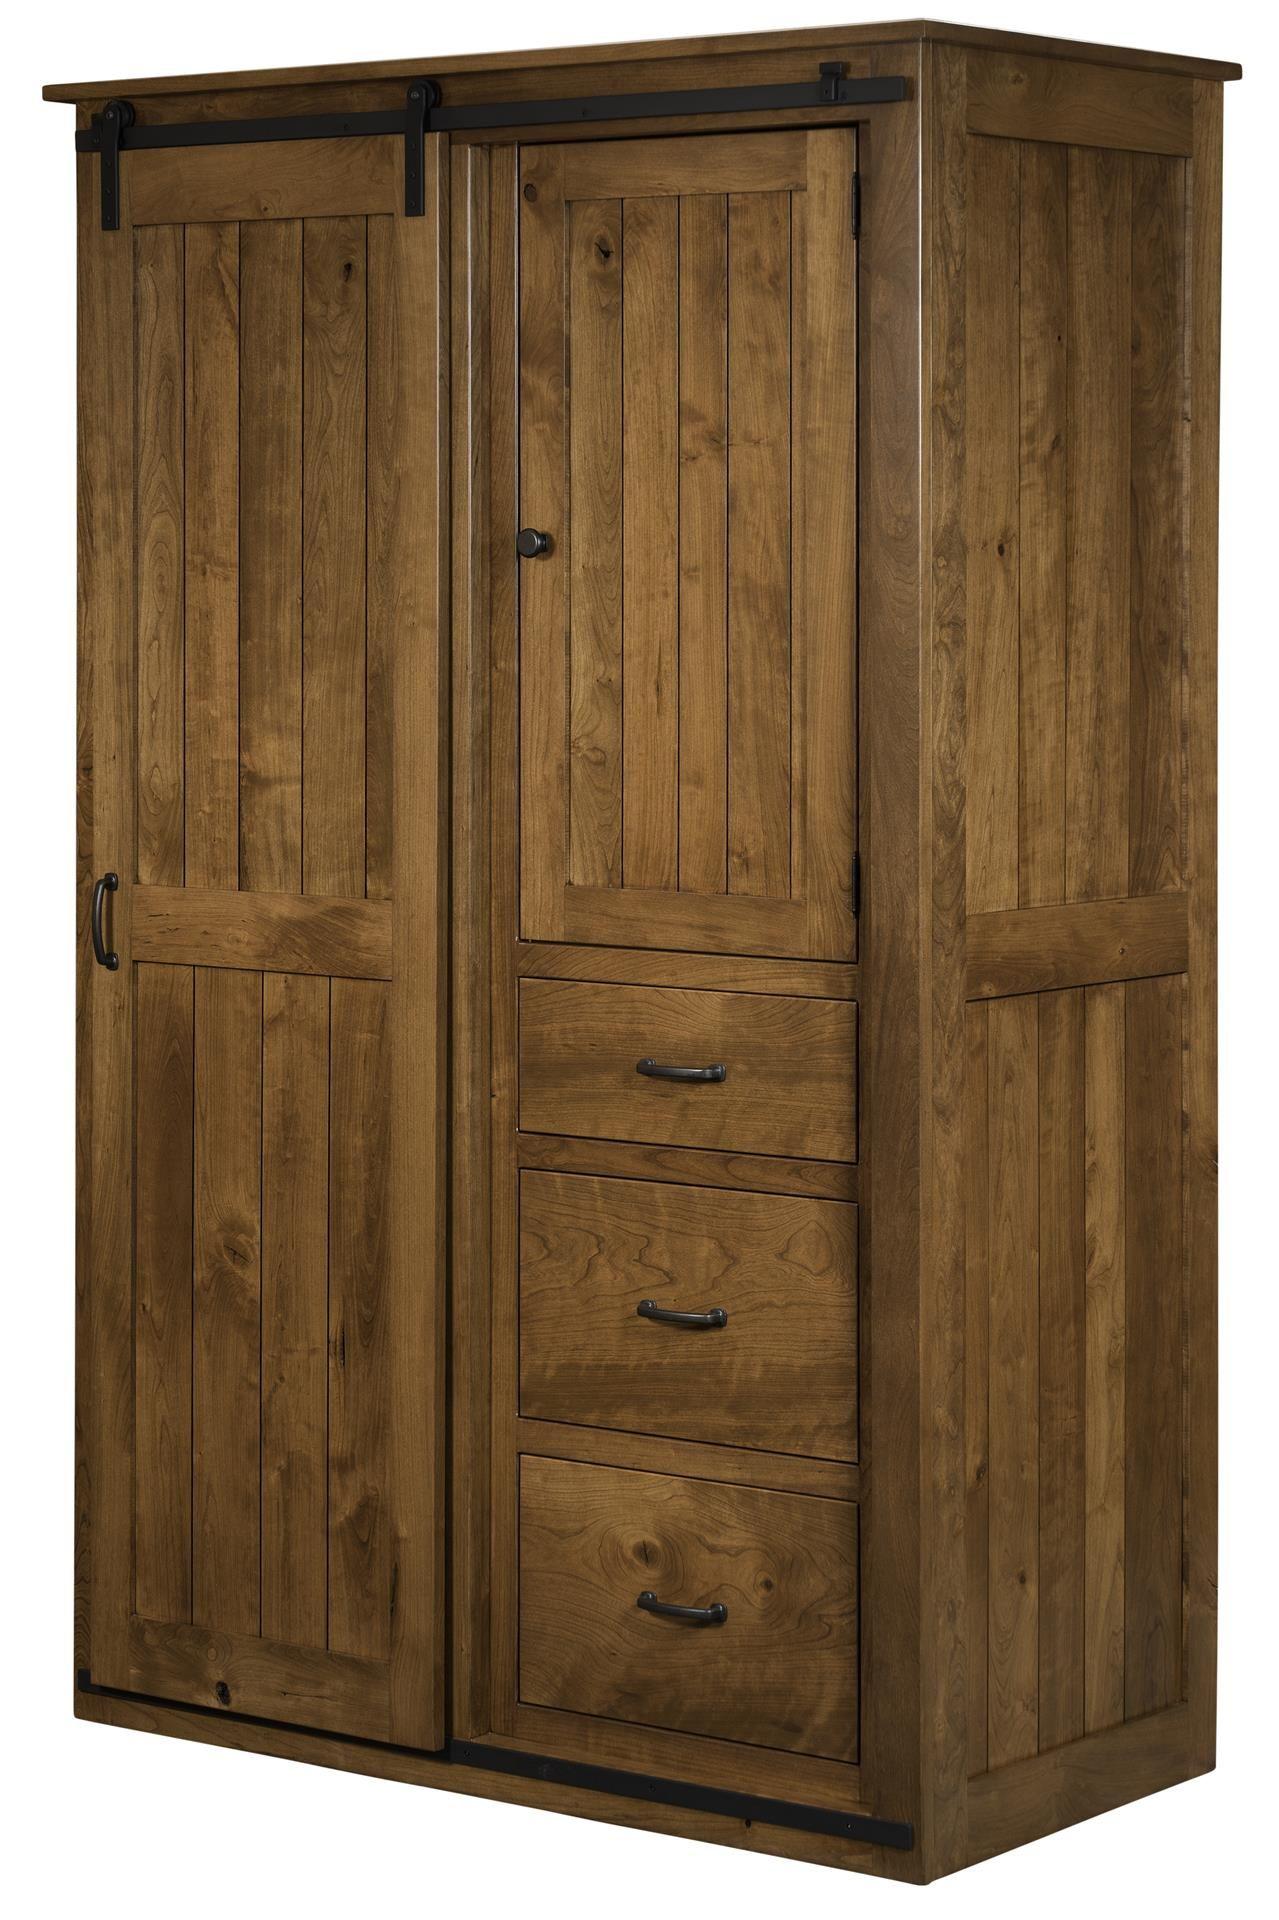 Sliding Barn Door Wardrobe Cabinet Sliding Barn Door Closet